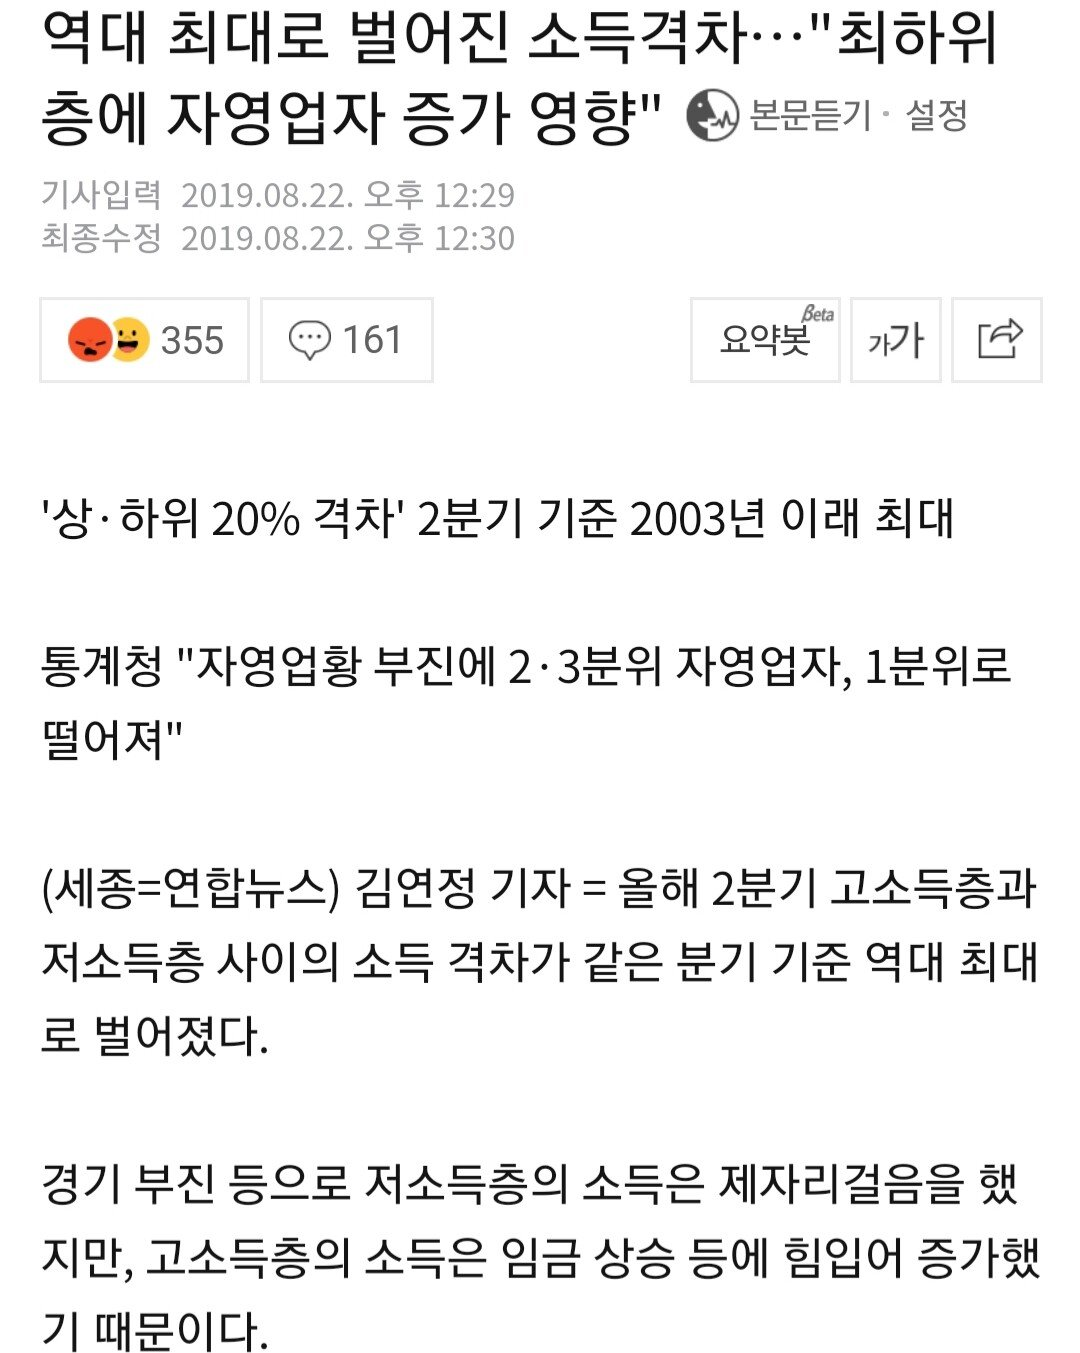 """20190822_133649.jpg 역대 최대로 벌어진 소득격차…""""최하위층에 자영업자 증가 영향"""""""